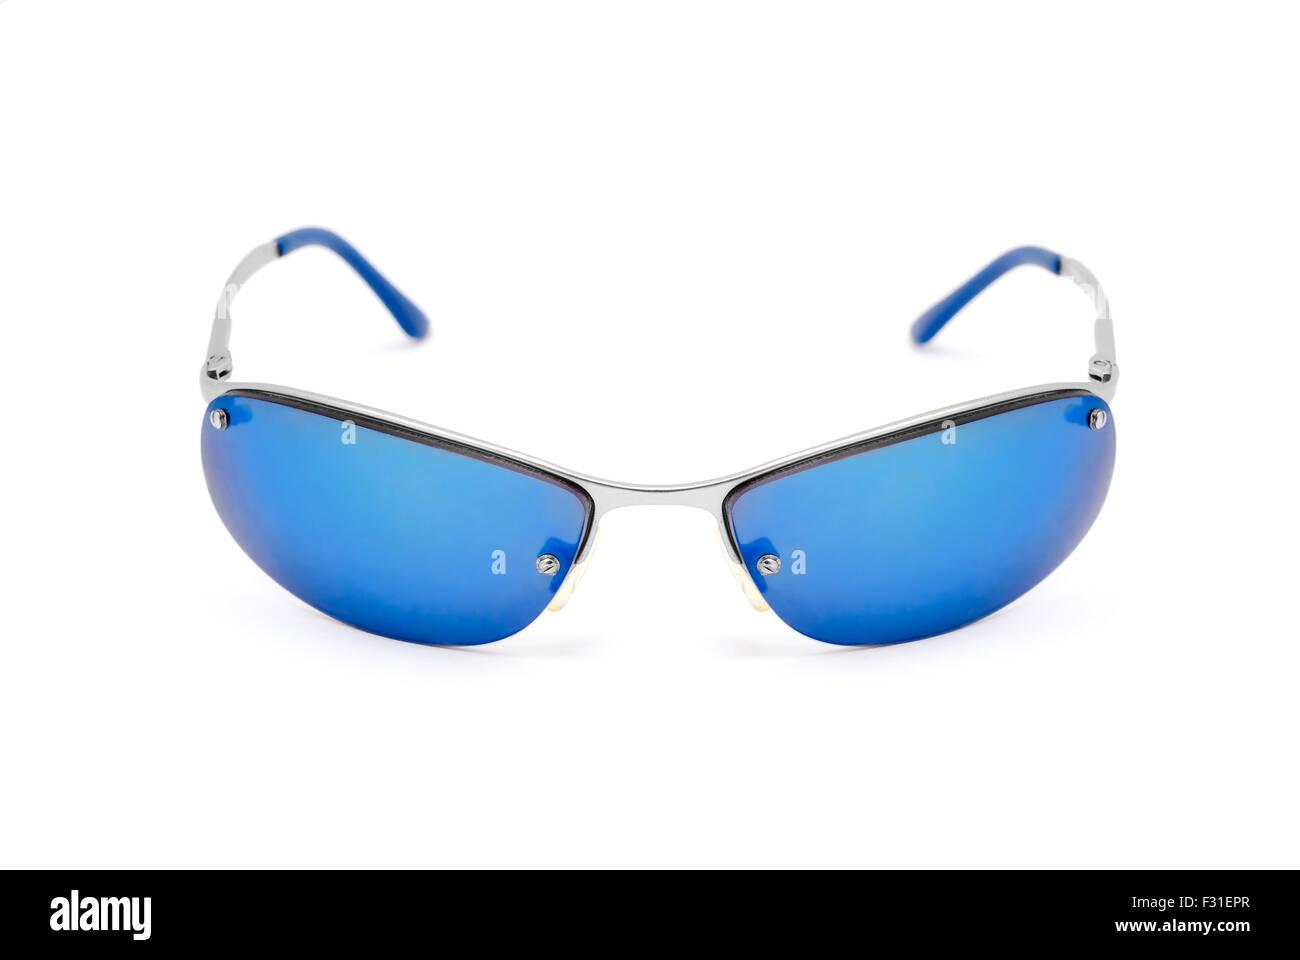 Quantité limitée plus près de haute couture Lunettes de soleil bleu sur fond blanc Banque D'Images ...